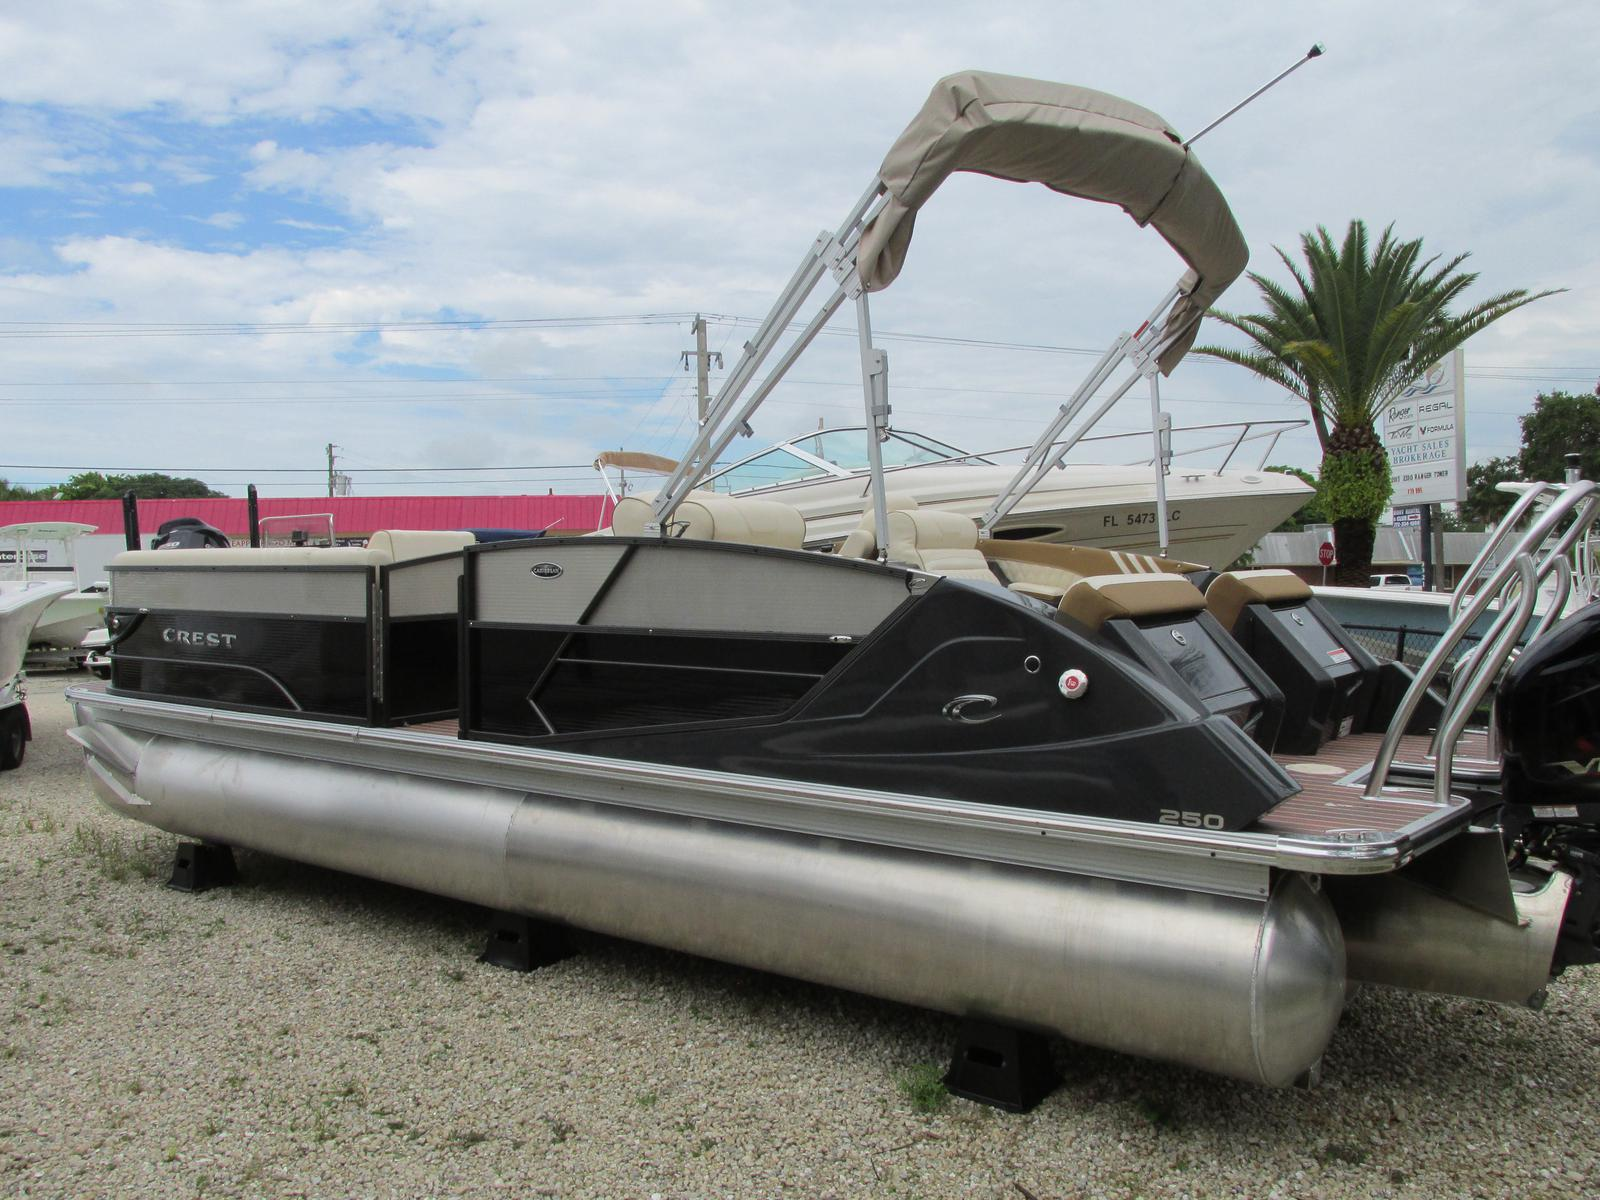 Crest Pontoon Boats CARIBBEAN 250 SLR2